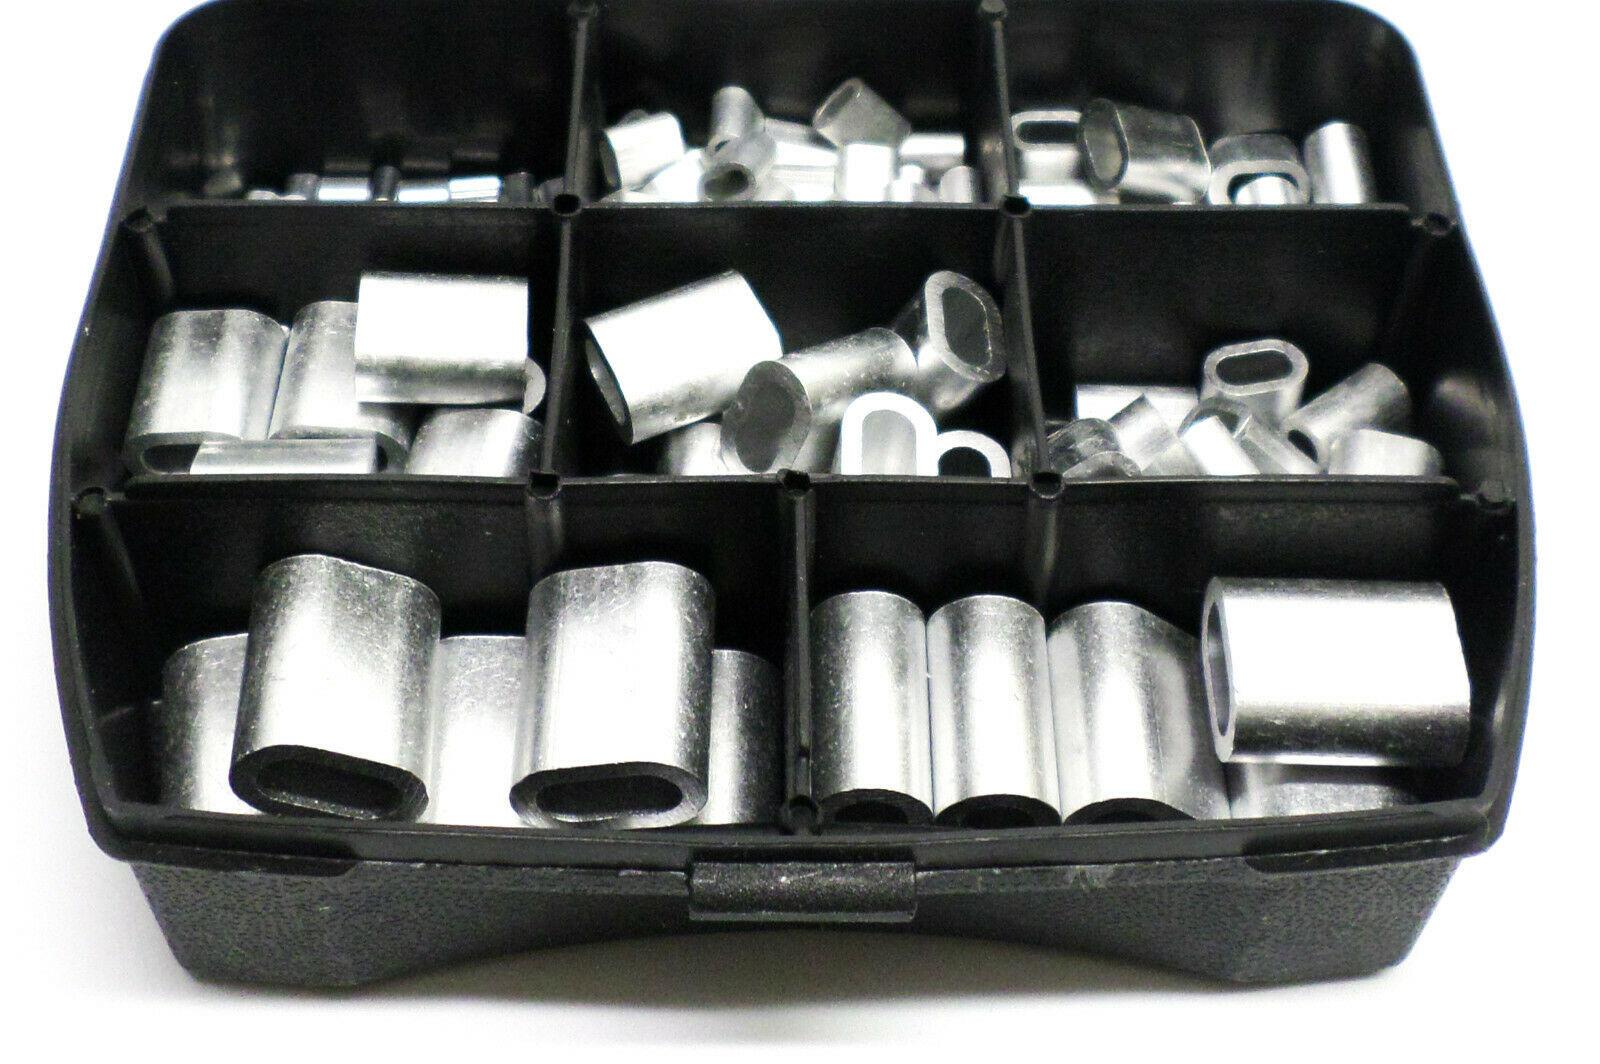 Klemkousen in assortimentsbox 156 stuks